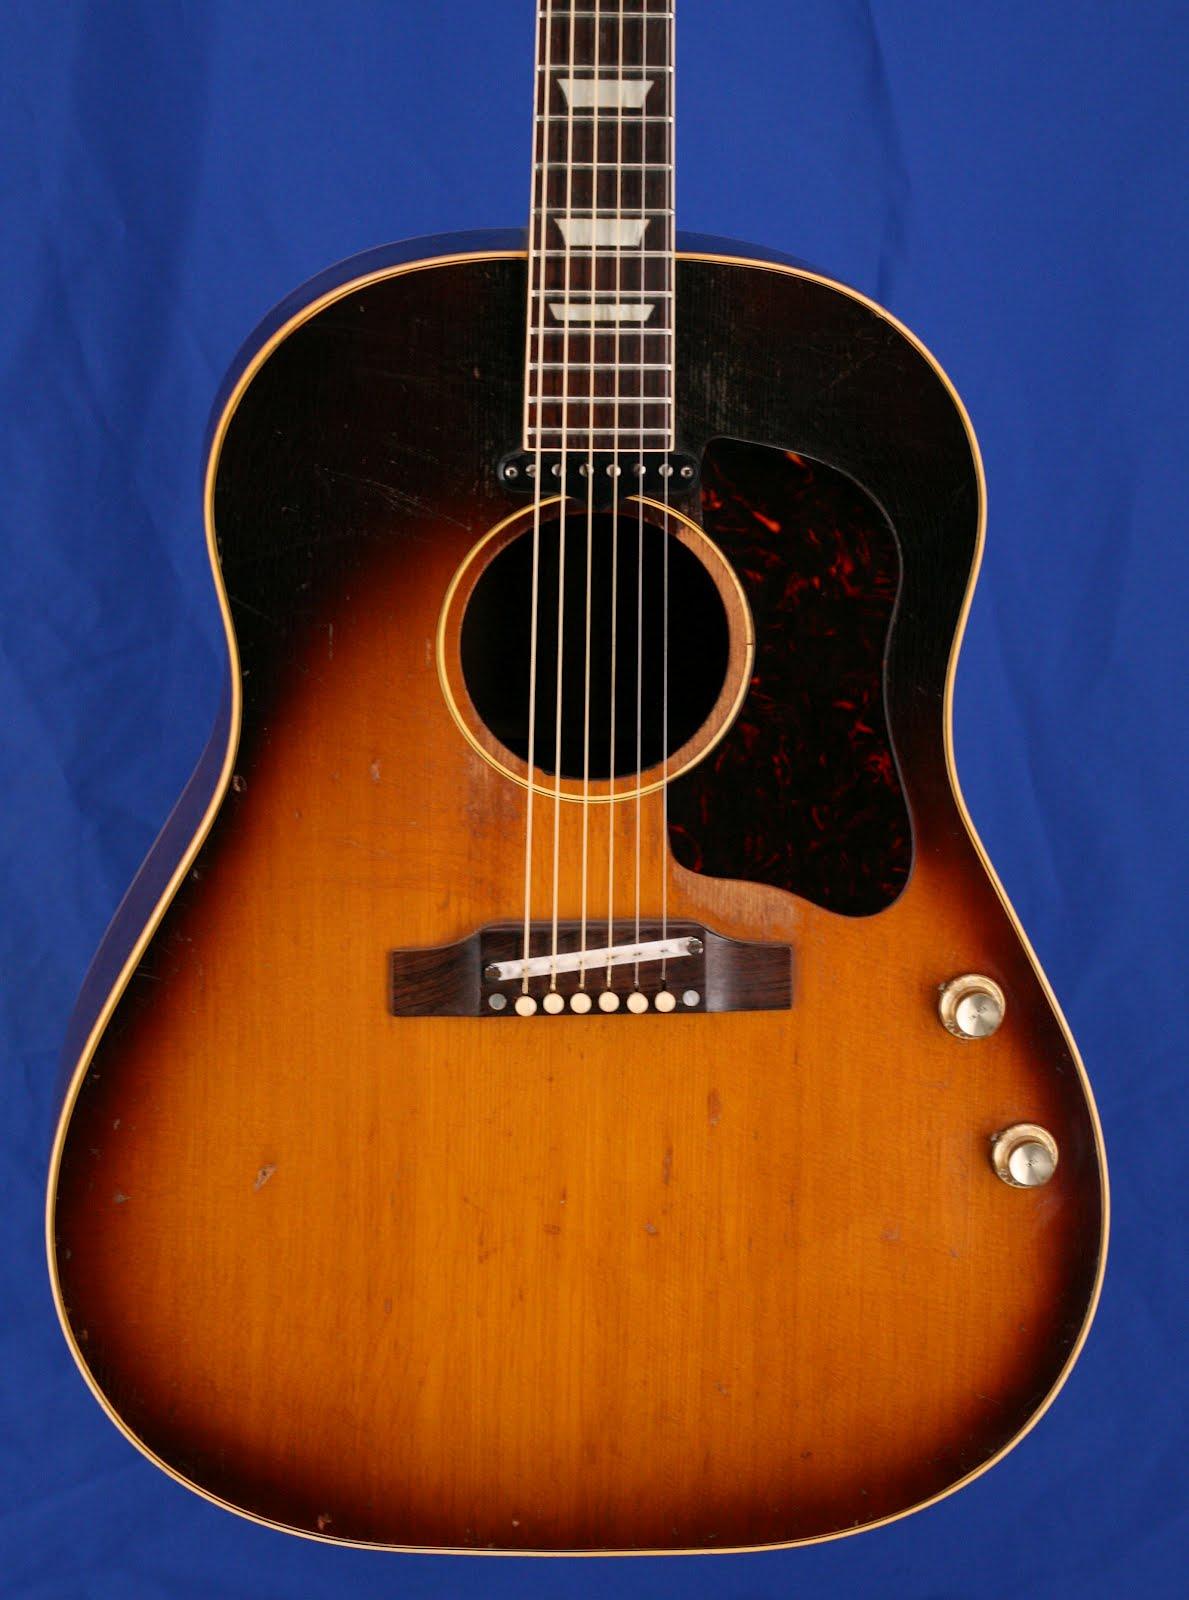 Beatles Guitars: Guitars-A-Go-Go: 1961 Gibson J-160E